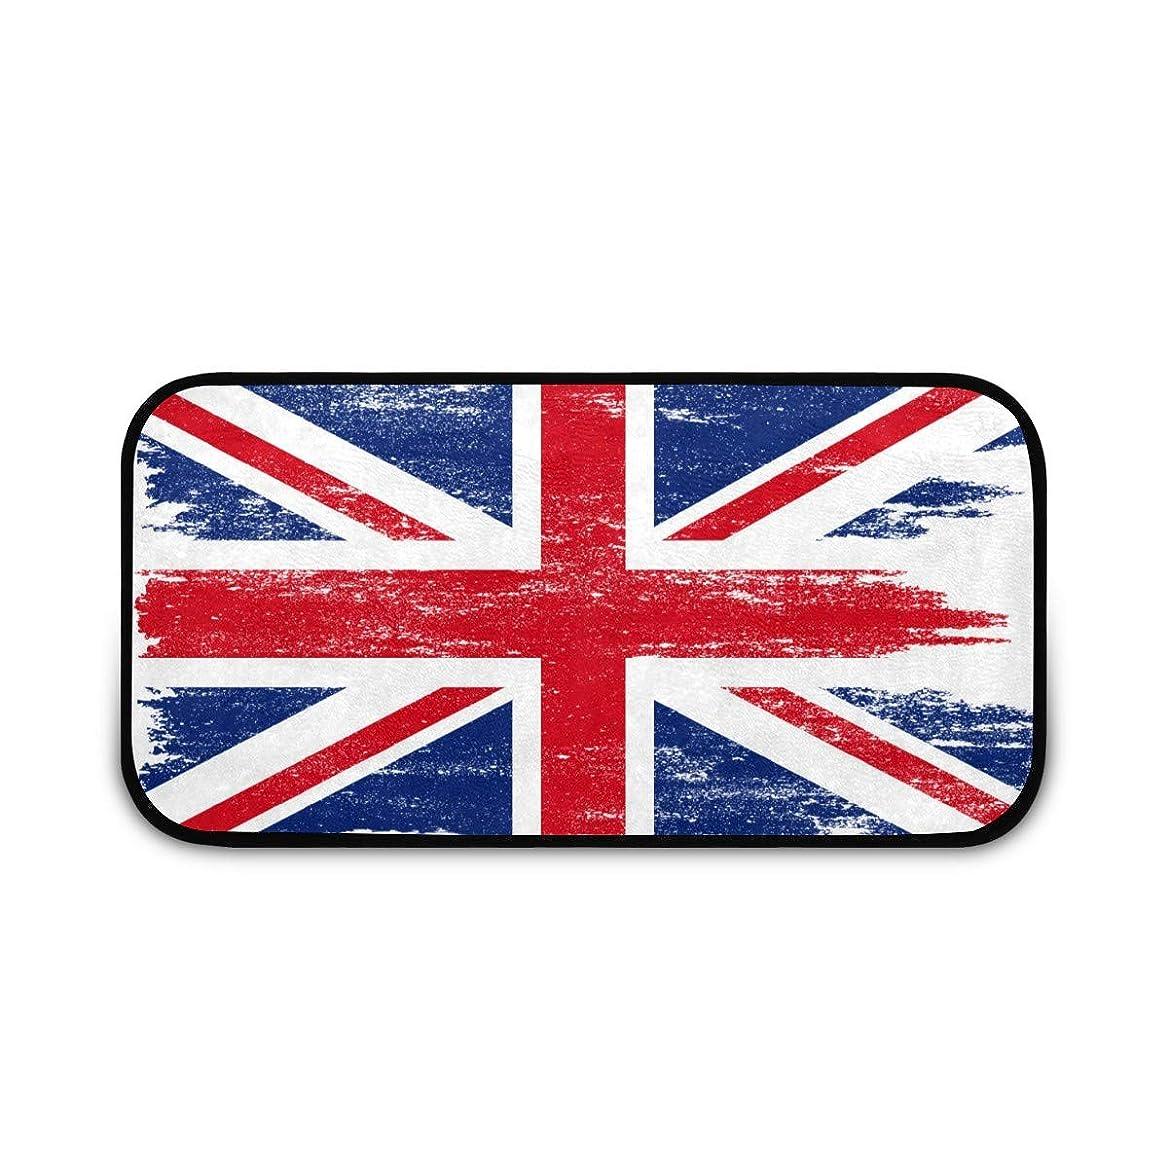 でる代表してモールス信号カーペット キッチンマット イギリス 国旗 洗える 滑り止め付き 子供 夏 秋 ラッグカーペット ラッグ フロアマット 台所マット 長マっト 耐久性 吸水性 ウォッシャブル 100x50 cm